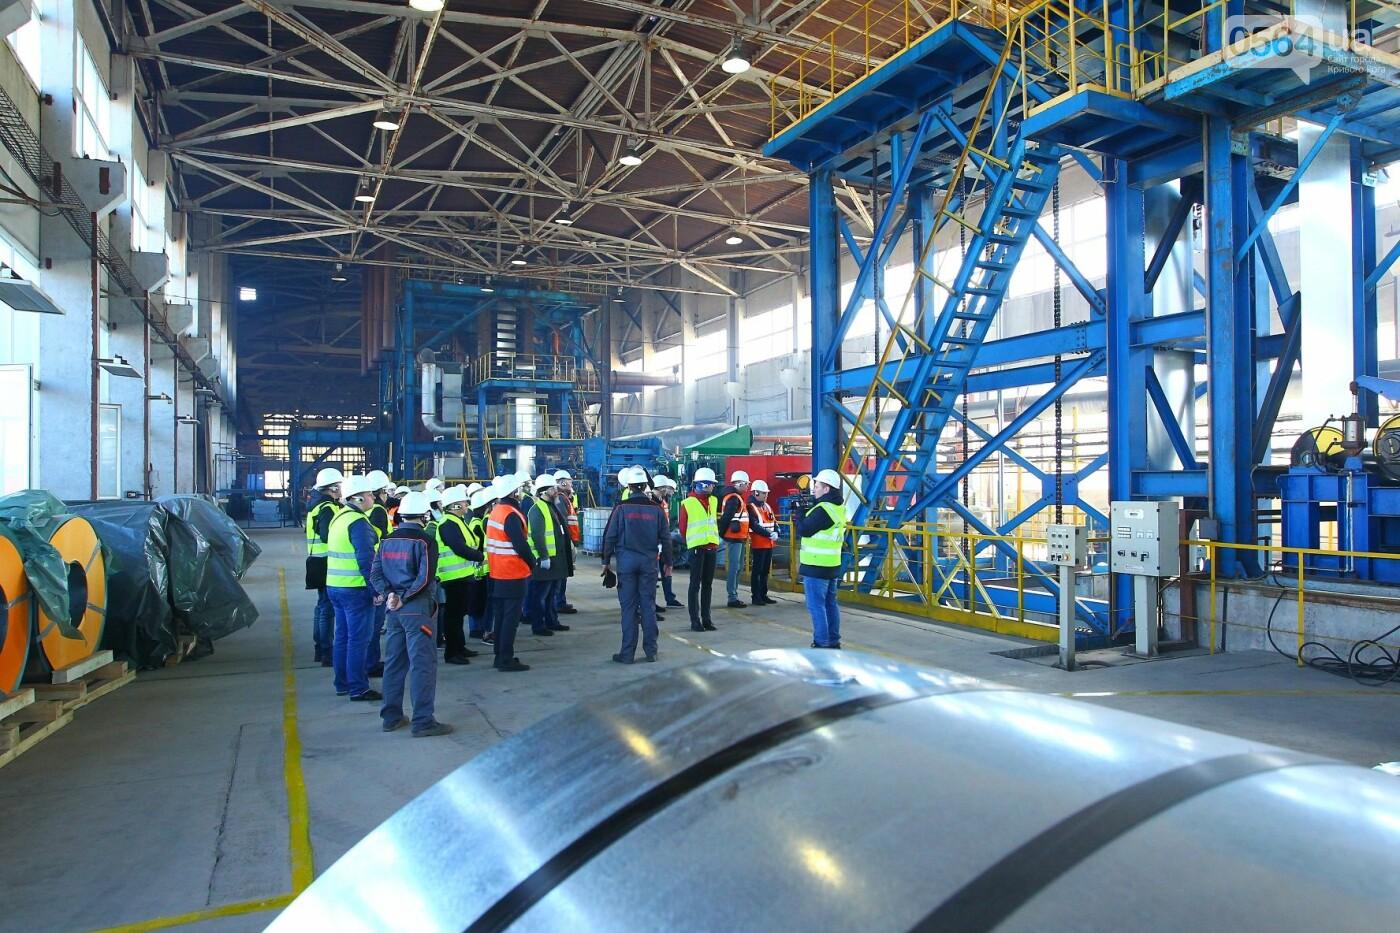 Ко Дню горняка и металлурга в компании Метинвест запустили флешмоб «Сталь вокруг нас» - #PassTheSteelChallenge, фото-1